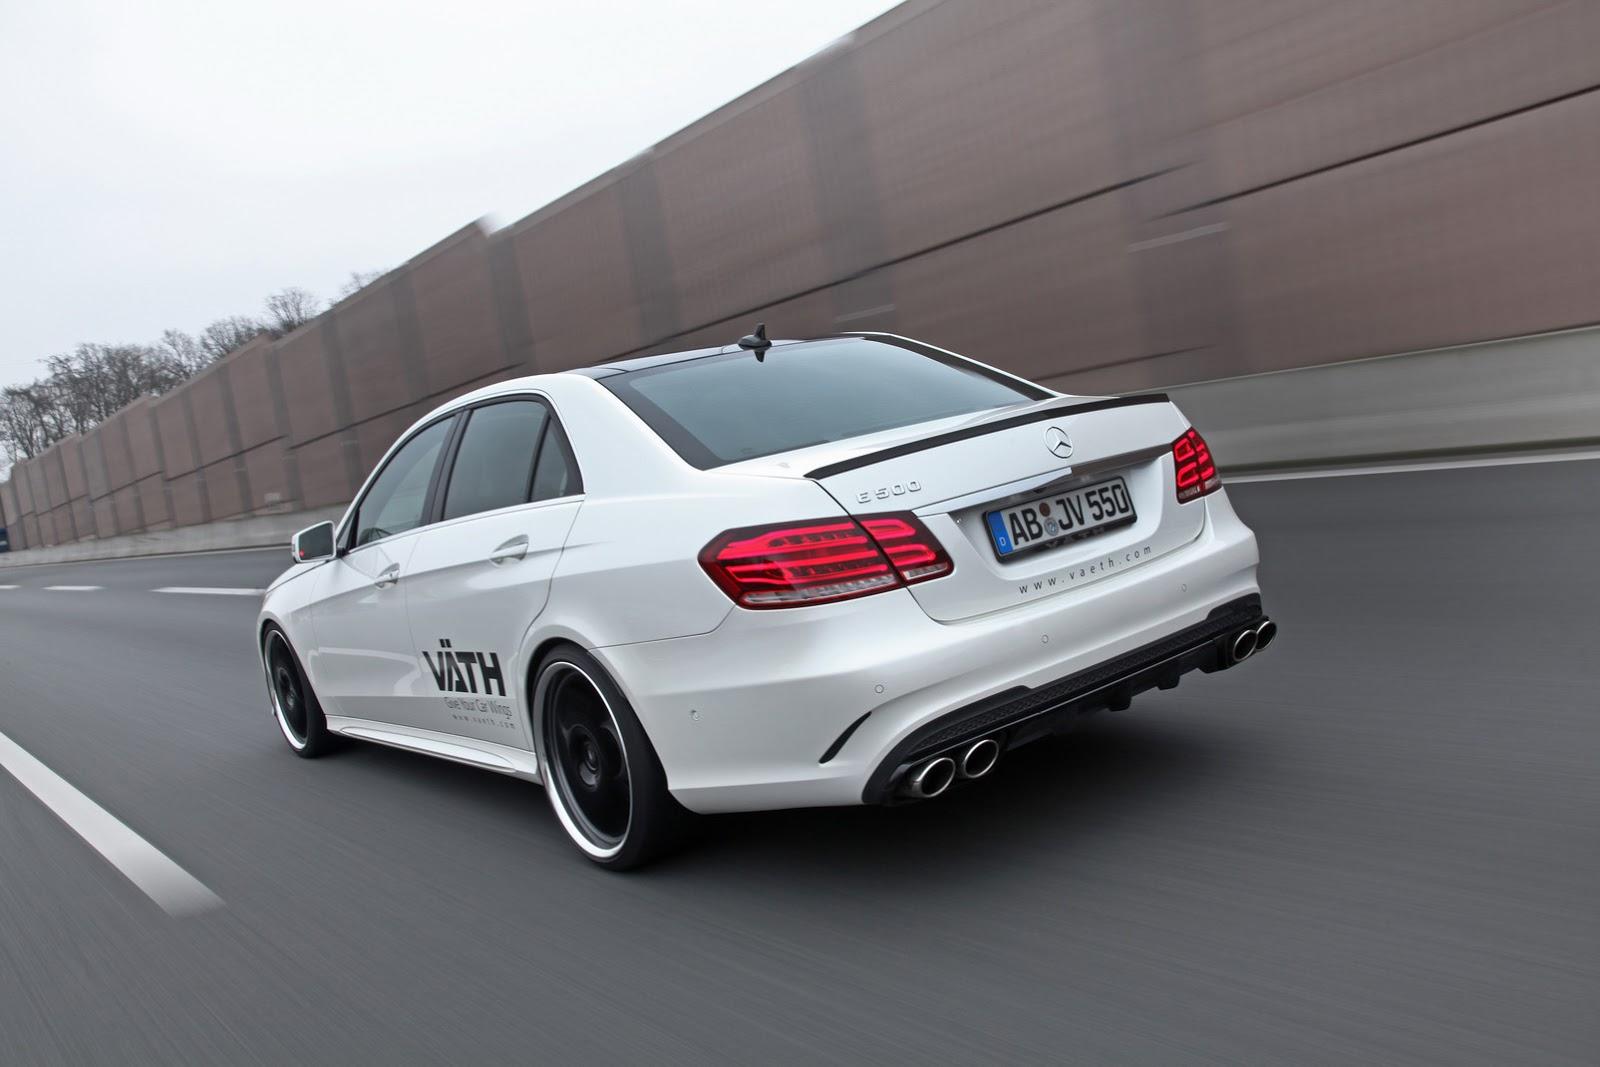 Mercedes-Benz E500 por VATH: Desde los 408 hasta los 550 CV 2